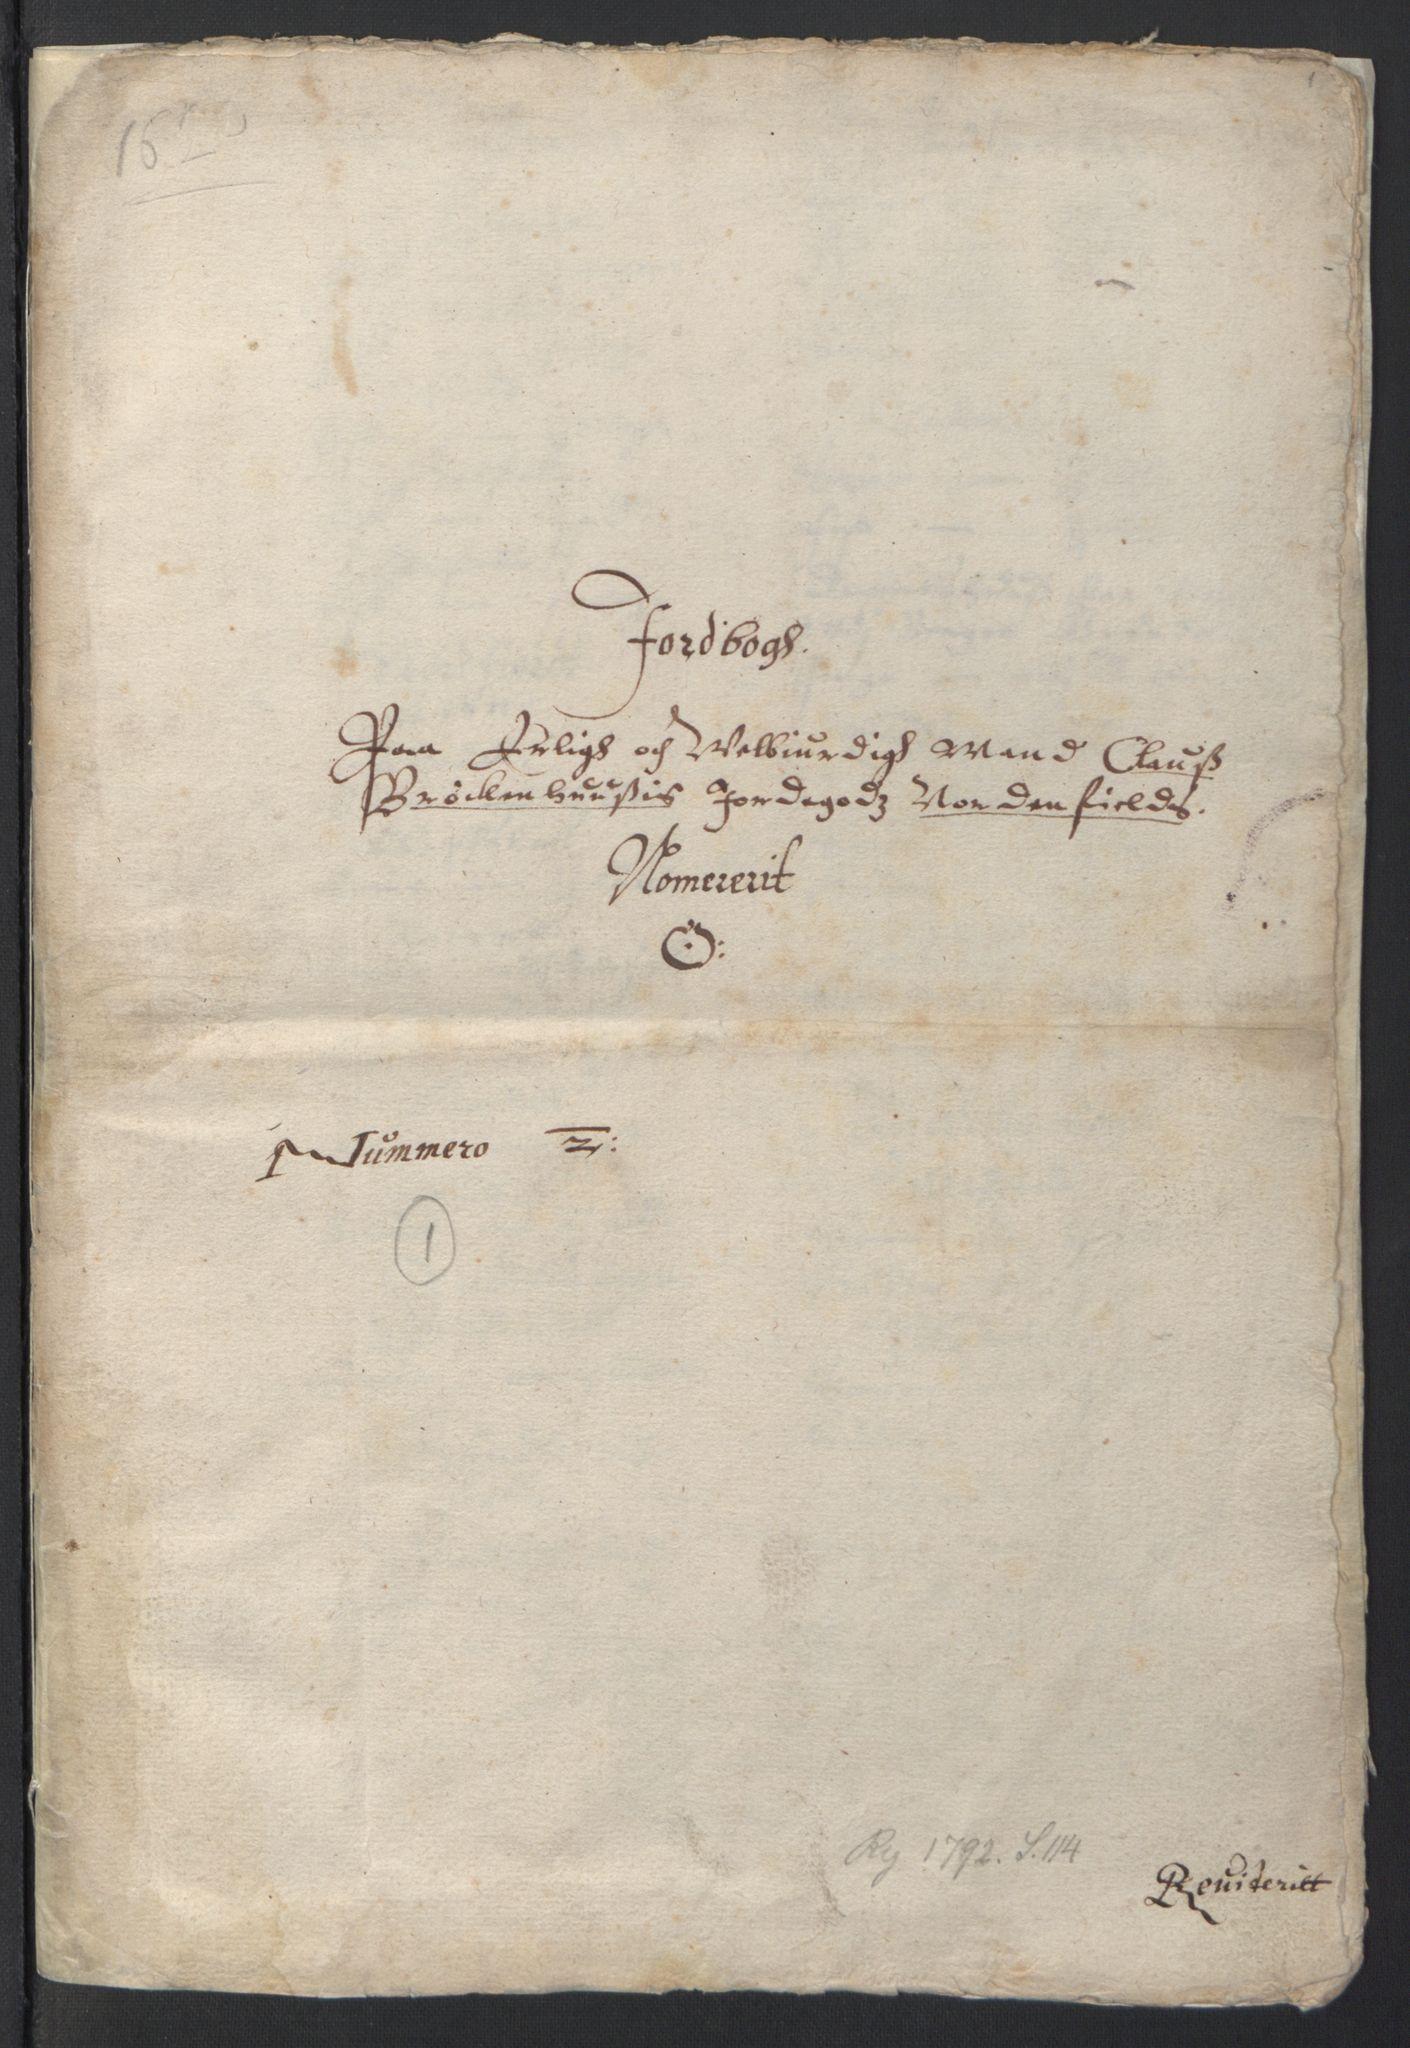 RA, Stattholderembetet 1572-1771, Ek/L0007: Jordebøker til utlikning av rosstjeneste 1624-1626:, 1624-1625, s. 87